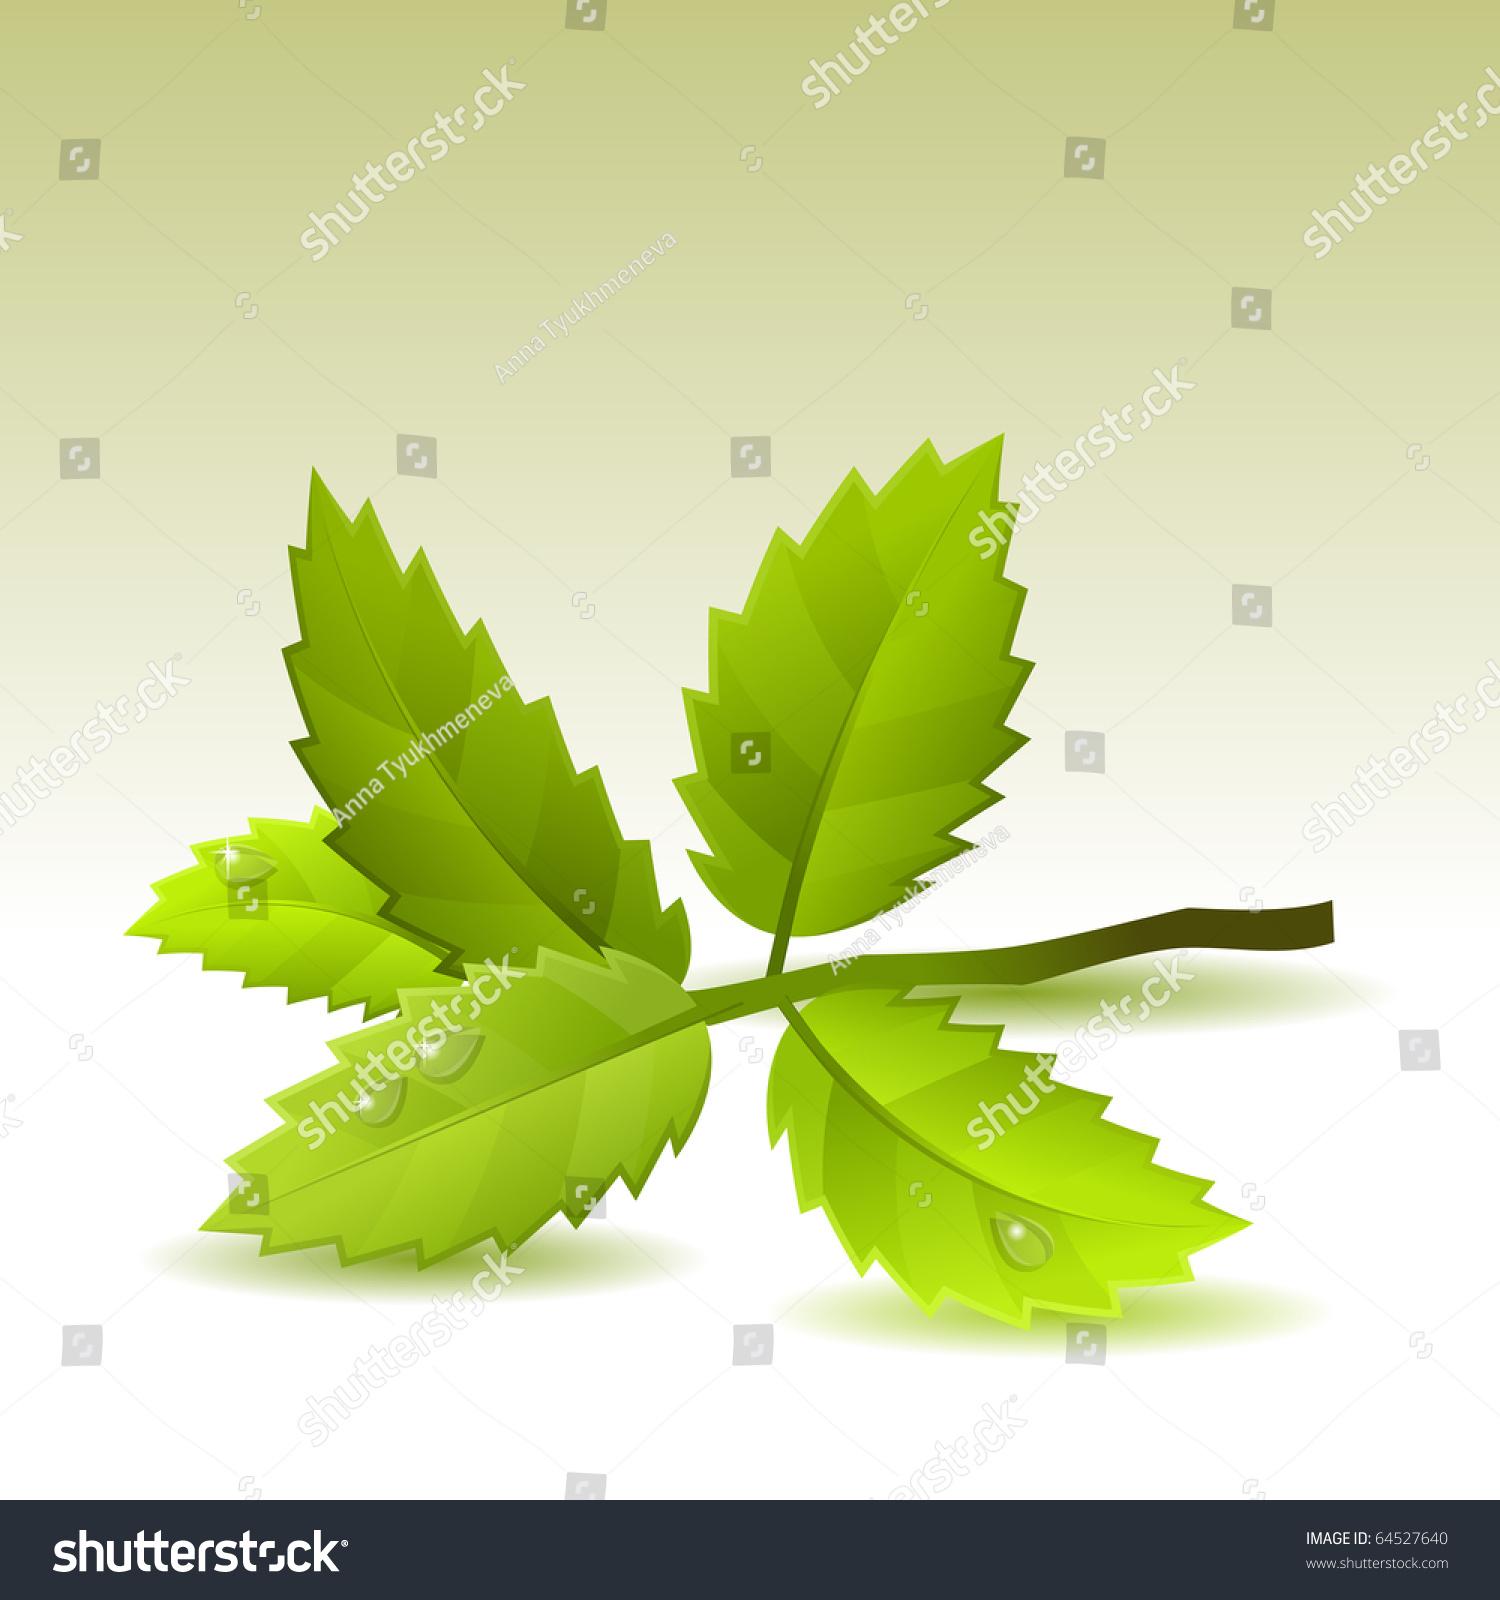 绿色的叶子孤立在白色背景上-插图/剪贴图,物体-海洛